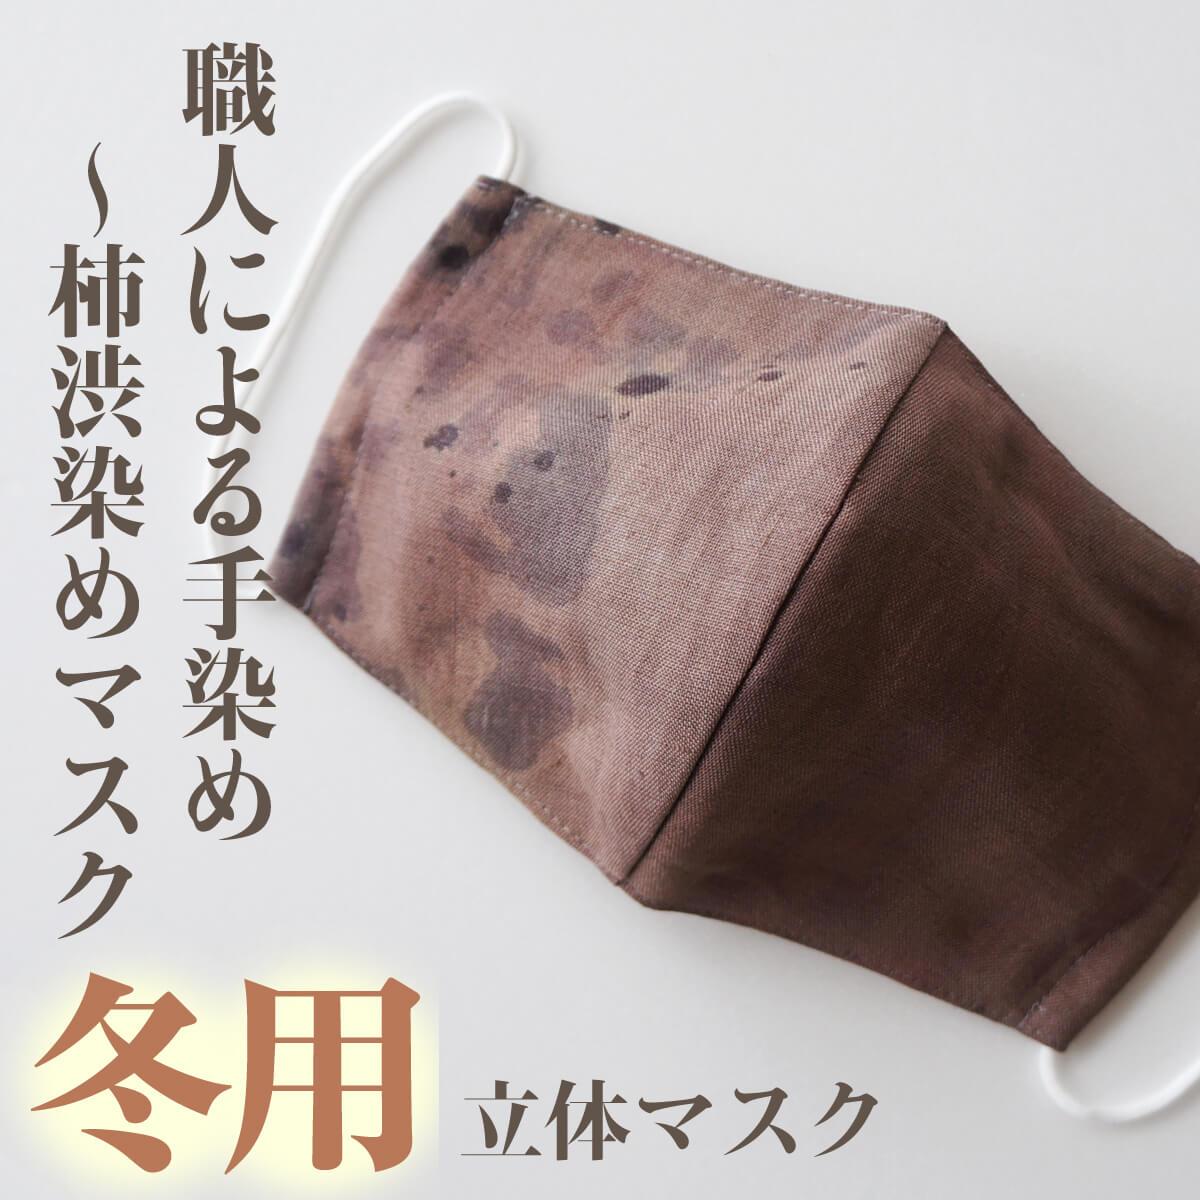 【冬用】職人による竹繊維柿渋手染め立体マスク